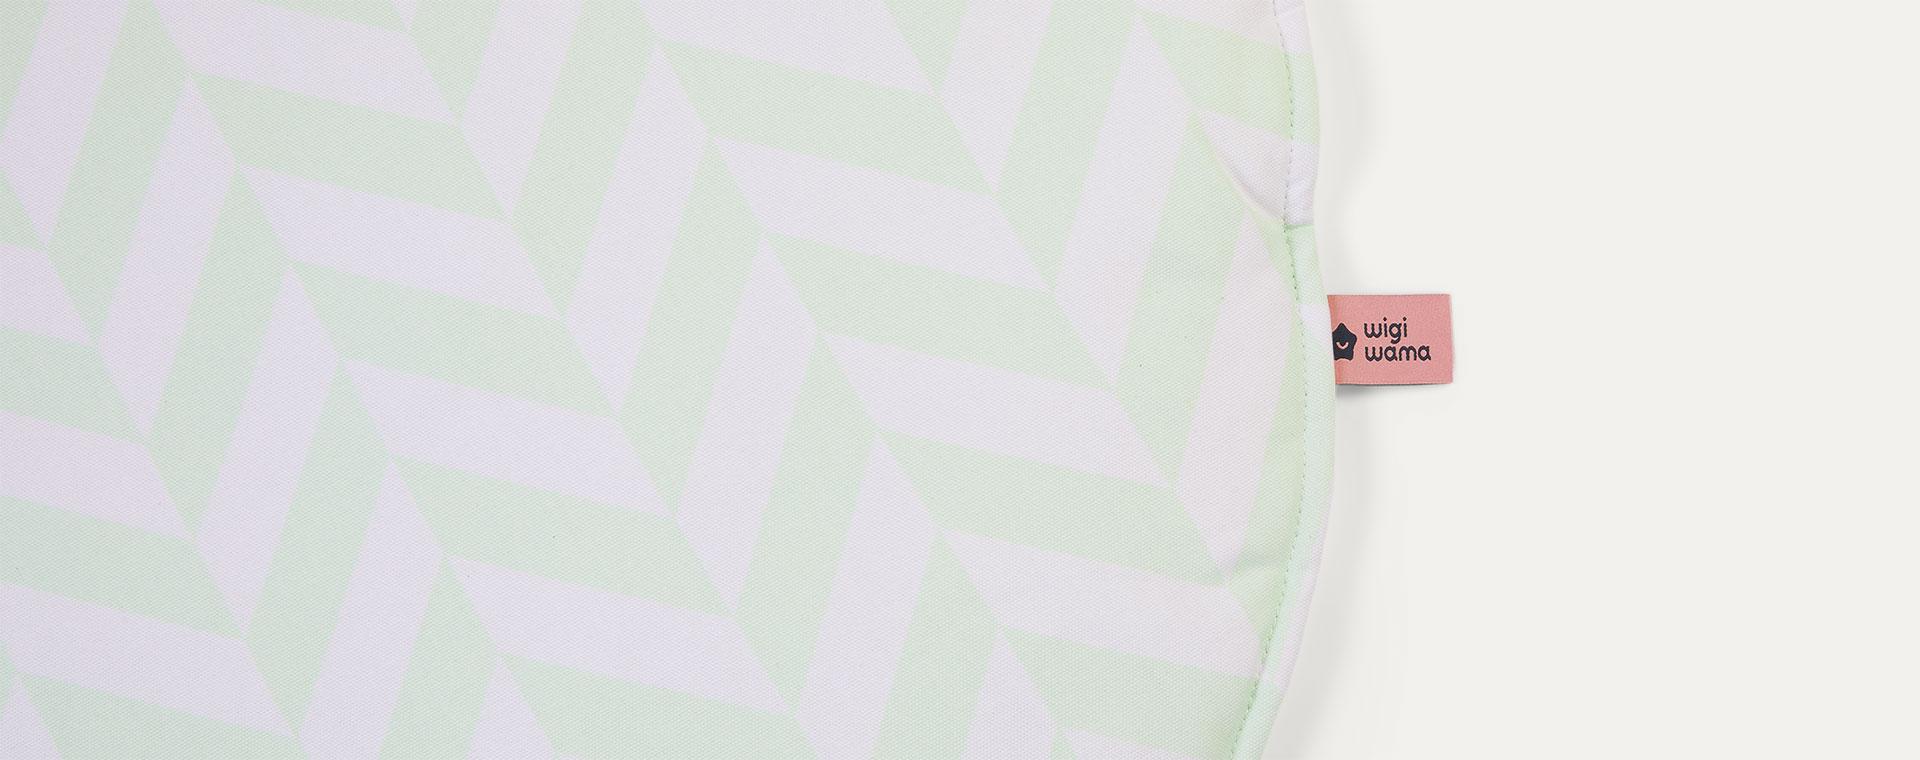 Mint Herringbone wigiwama Playmat